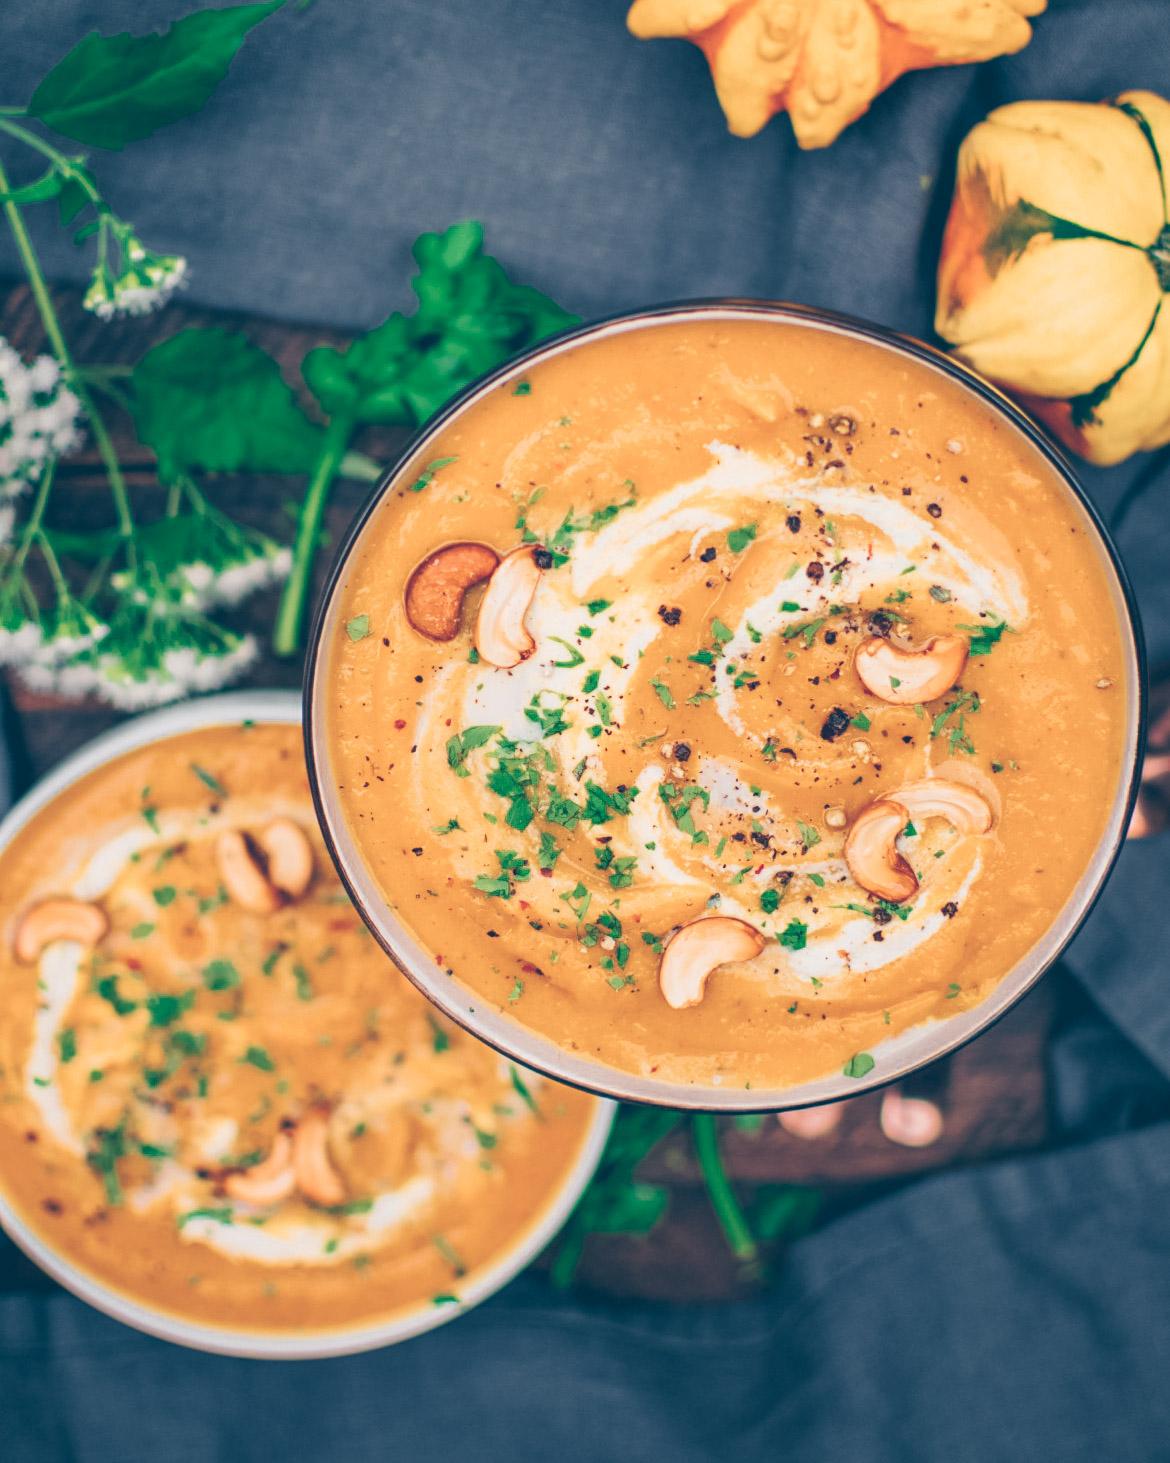 Roasted Pumpkin Soup with Cashew Sour Cream - V, GF, P